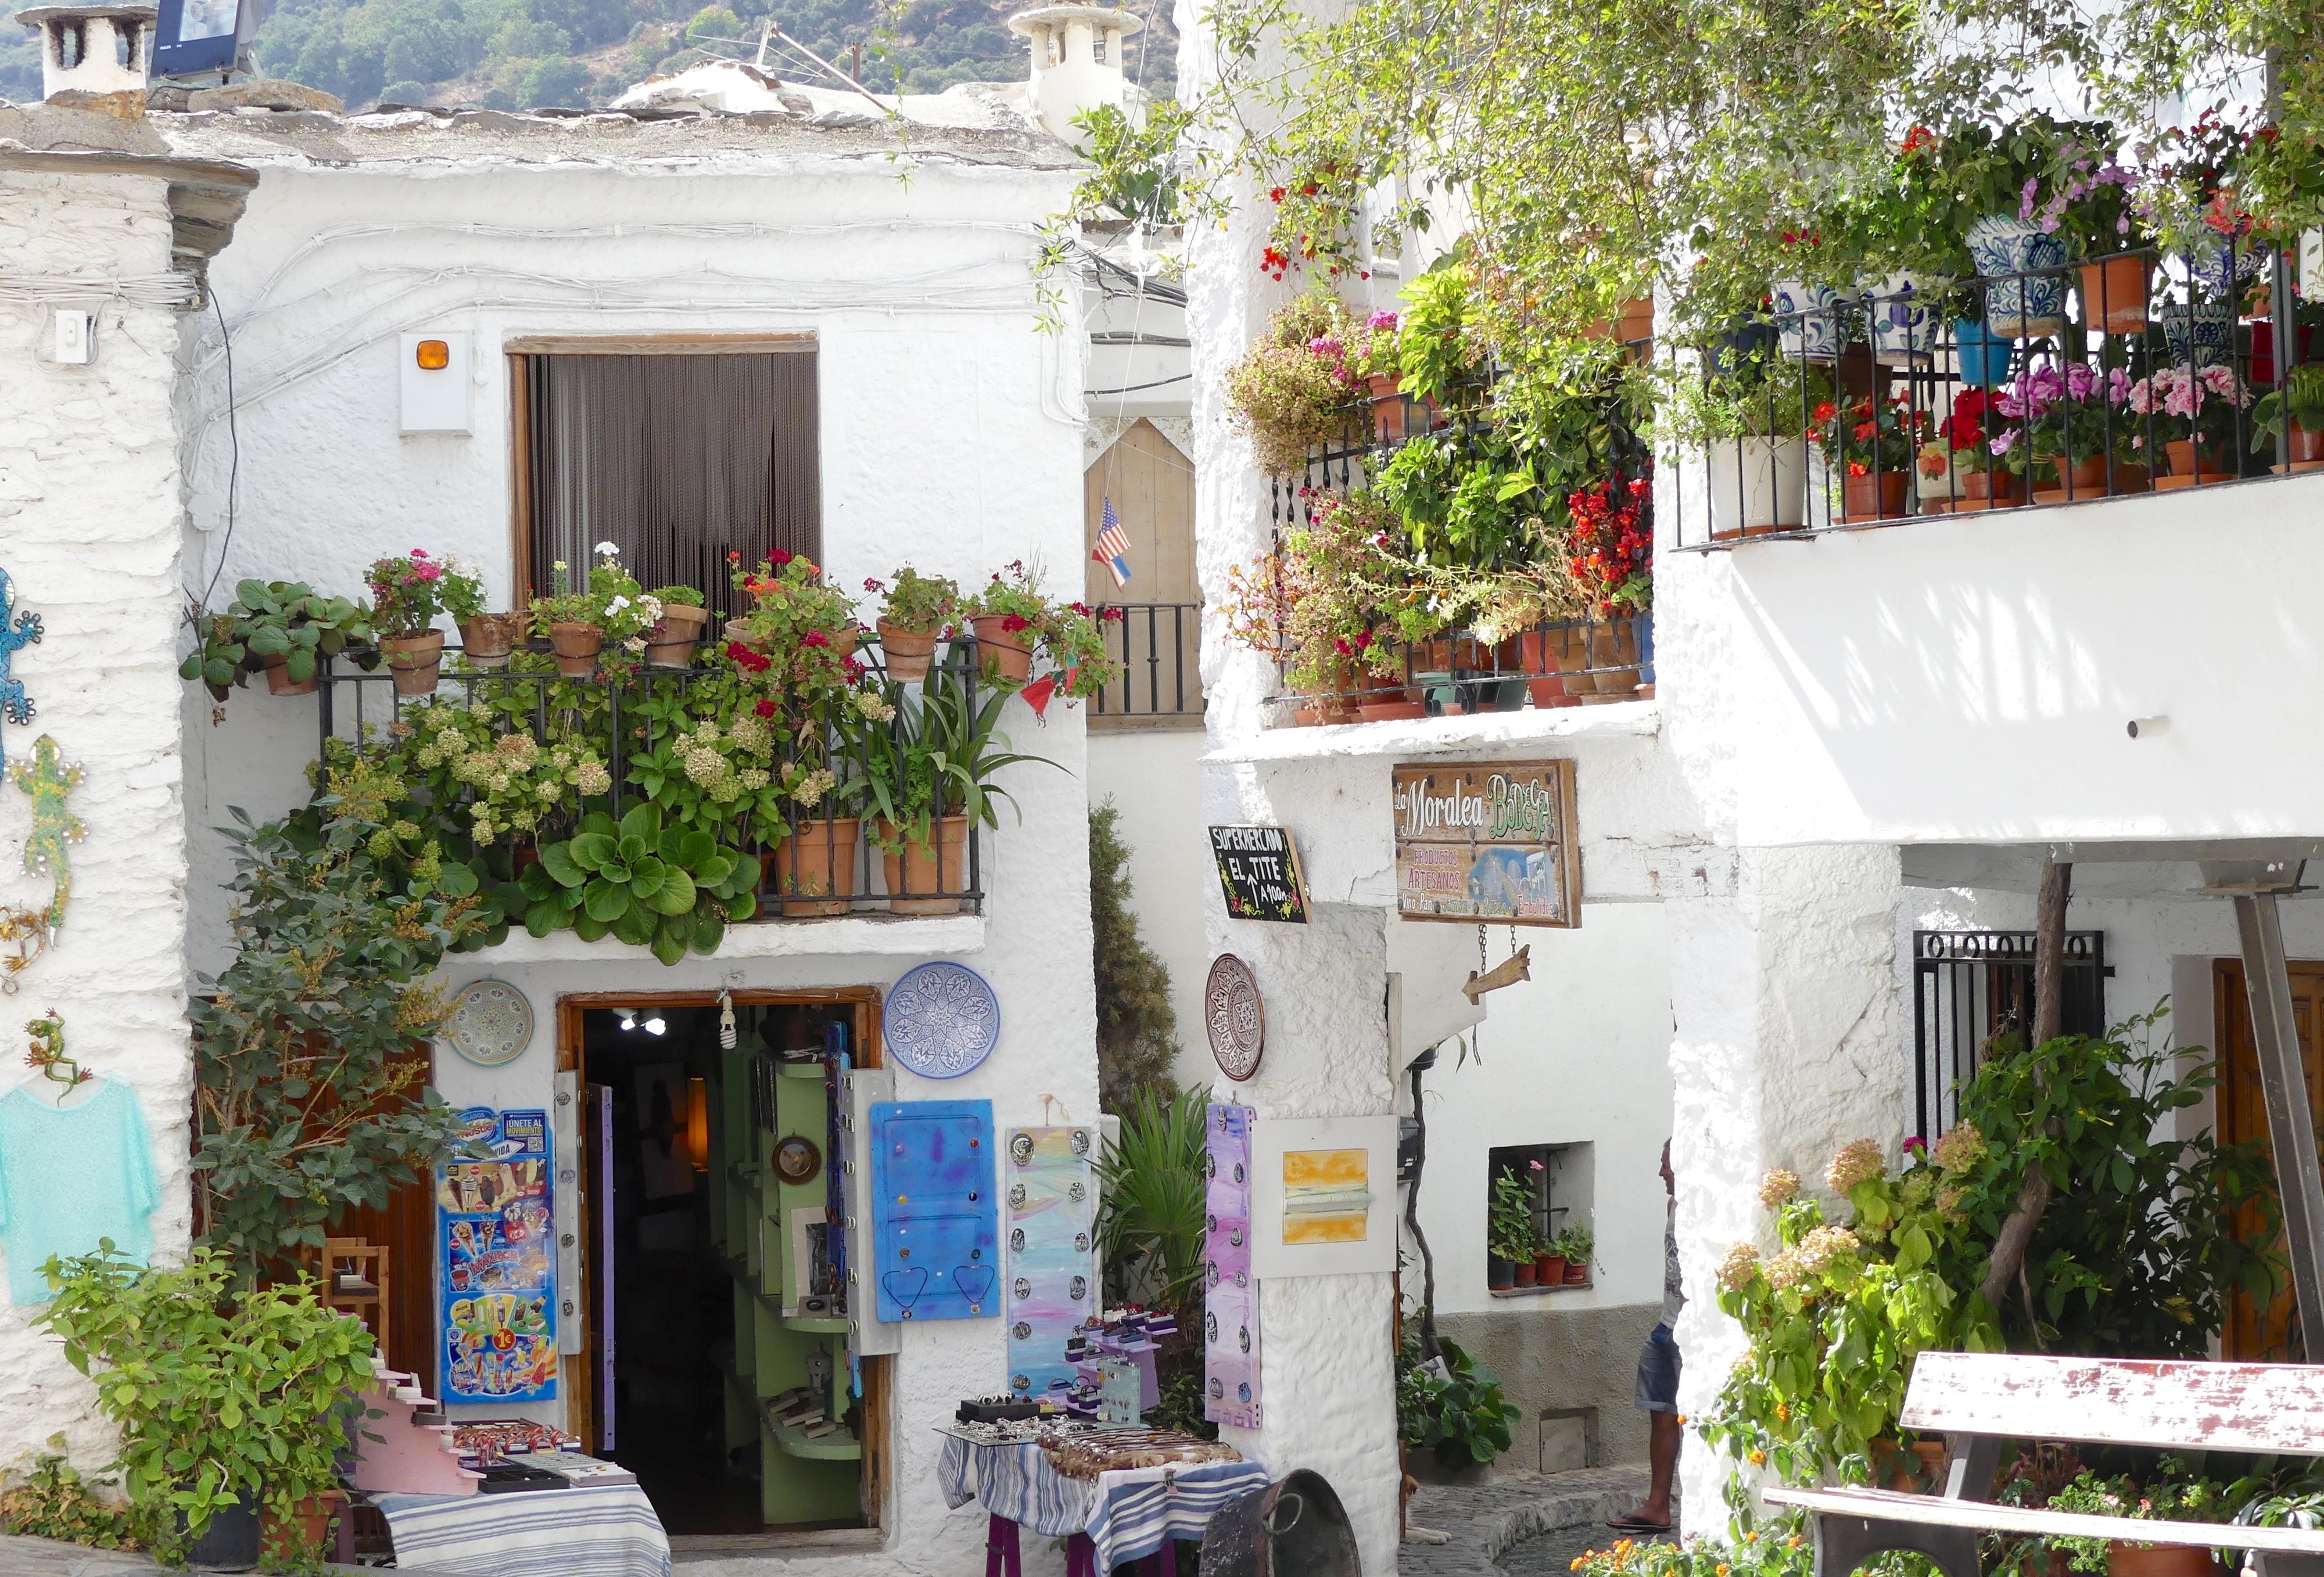 Fotos gratis cactus casa flor pueblo restaurante - Casas gratis en pueblos de espana ...